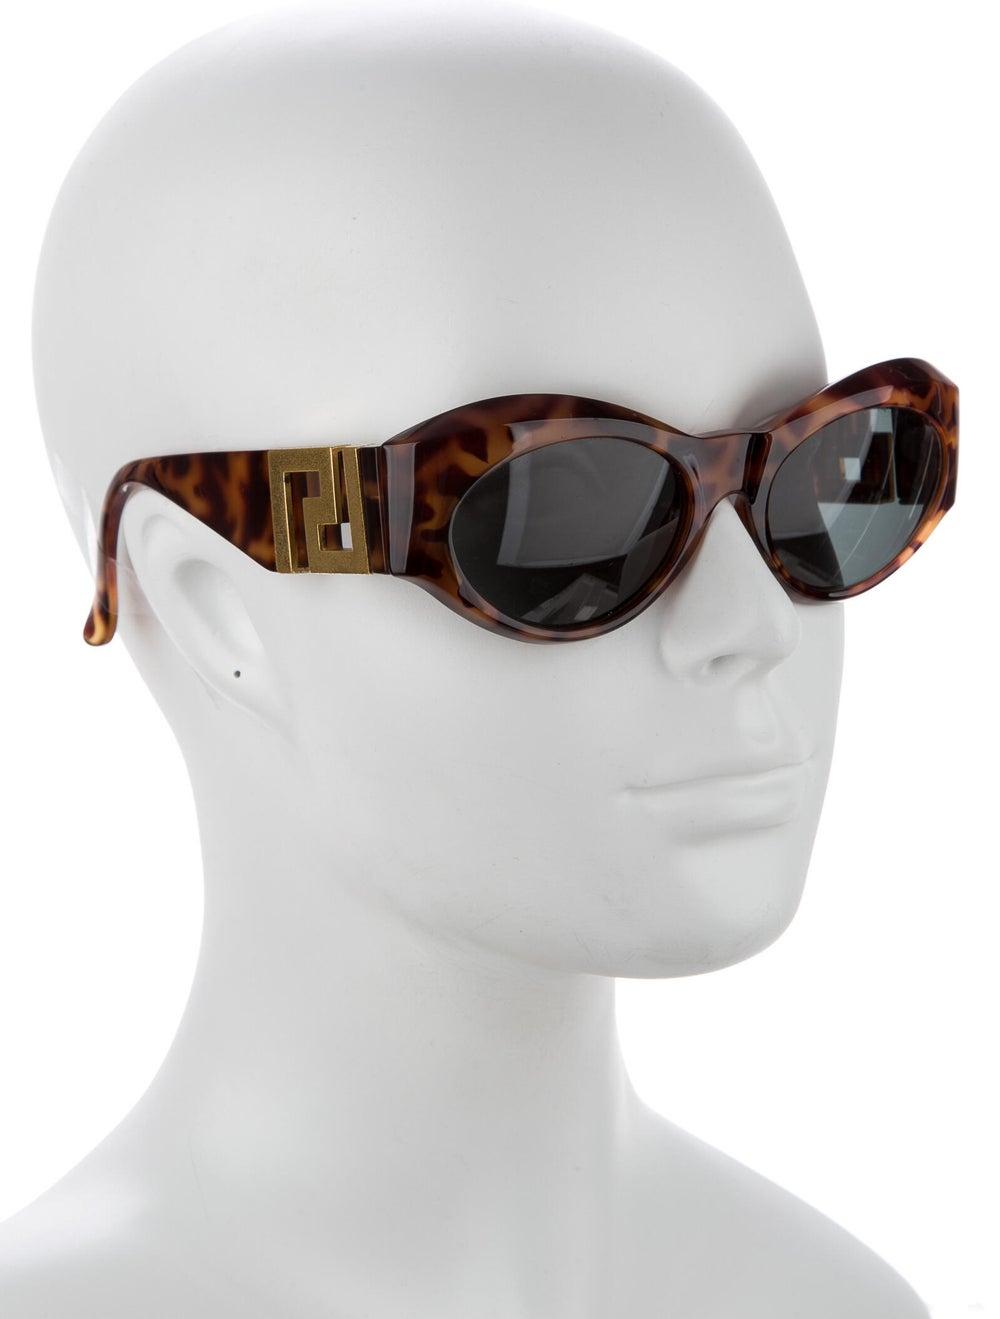 Gianni Versace Round Mirrored Sunglasses Brown - image 4